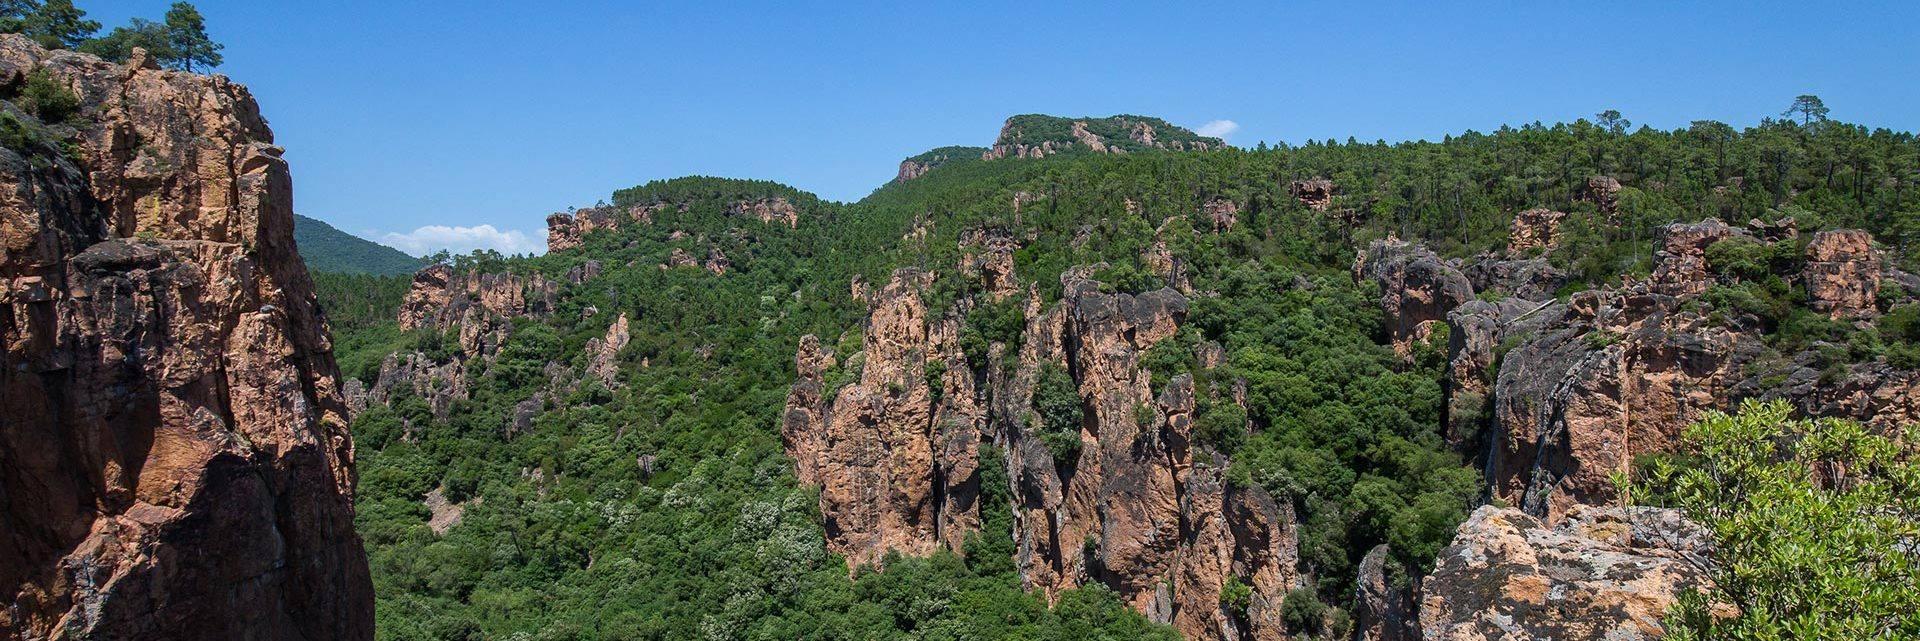 Blavet Gorges in Bagnols-en-Forêt